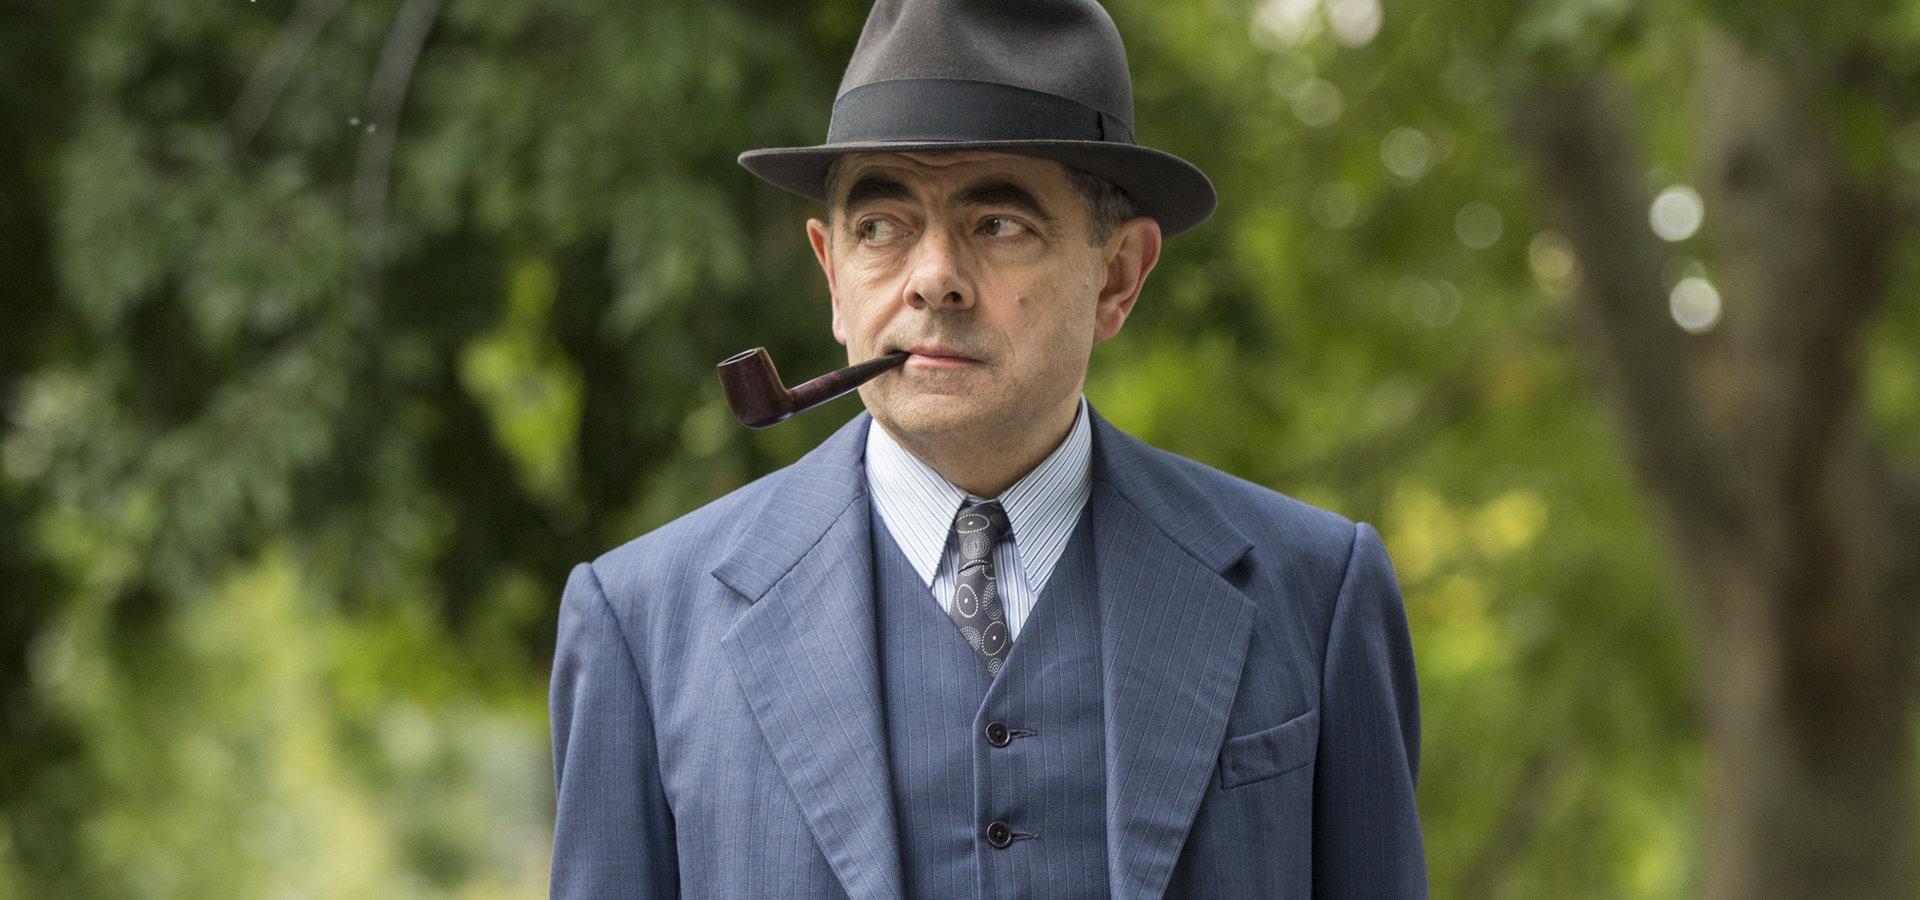 Ponad sto utworów i blisko 60 ekranizacji. Komisarz Maigret w dwóch odsłonach w marcu tylko w Ale kino+